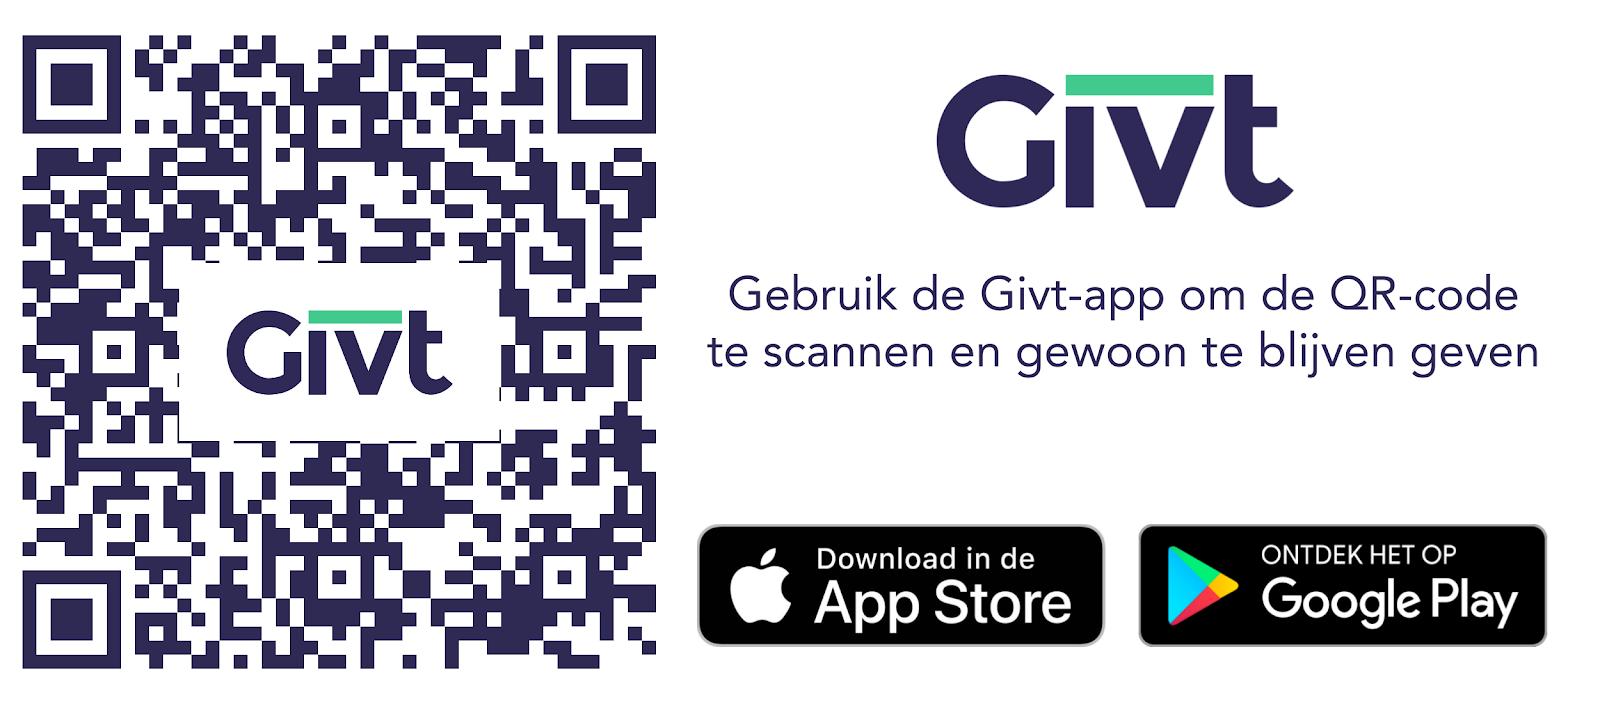 Geef aan Caritas0492 met de GIVT-app